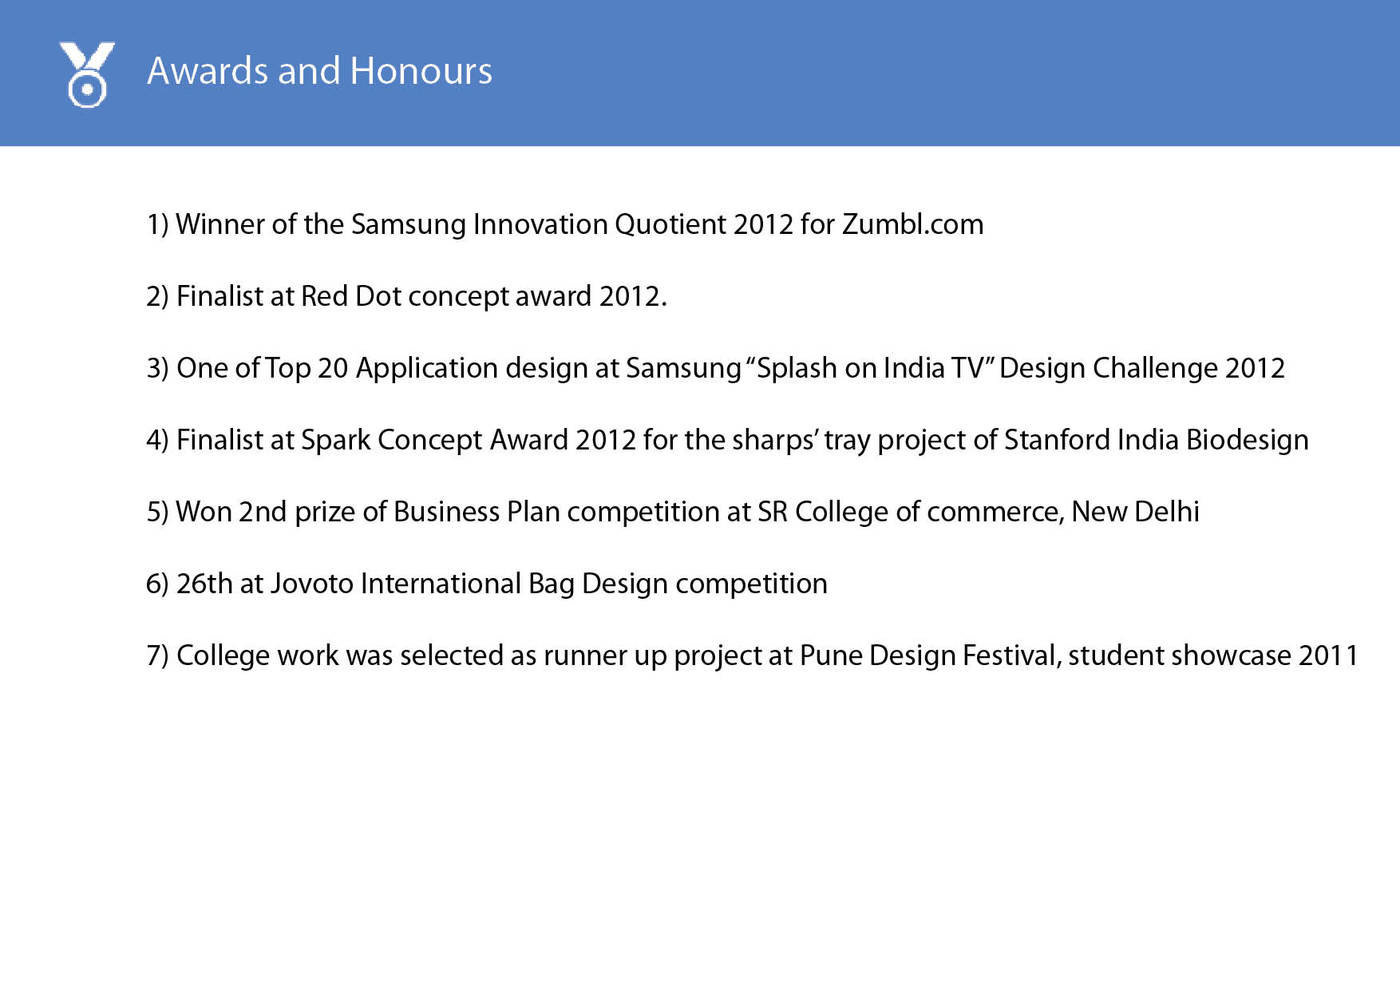 Awards and Honours by Vishal Agale at Coroflot com